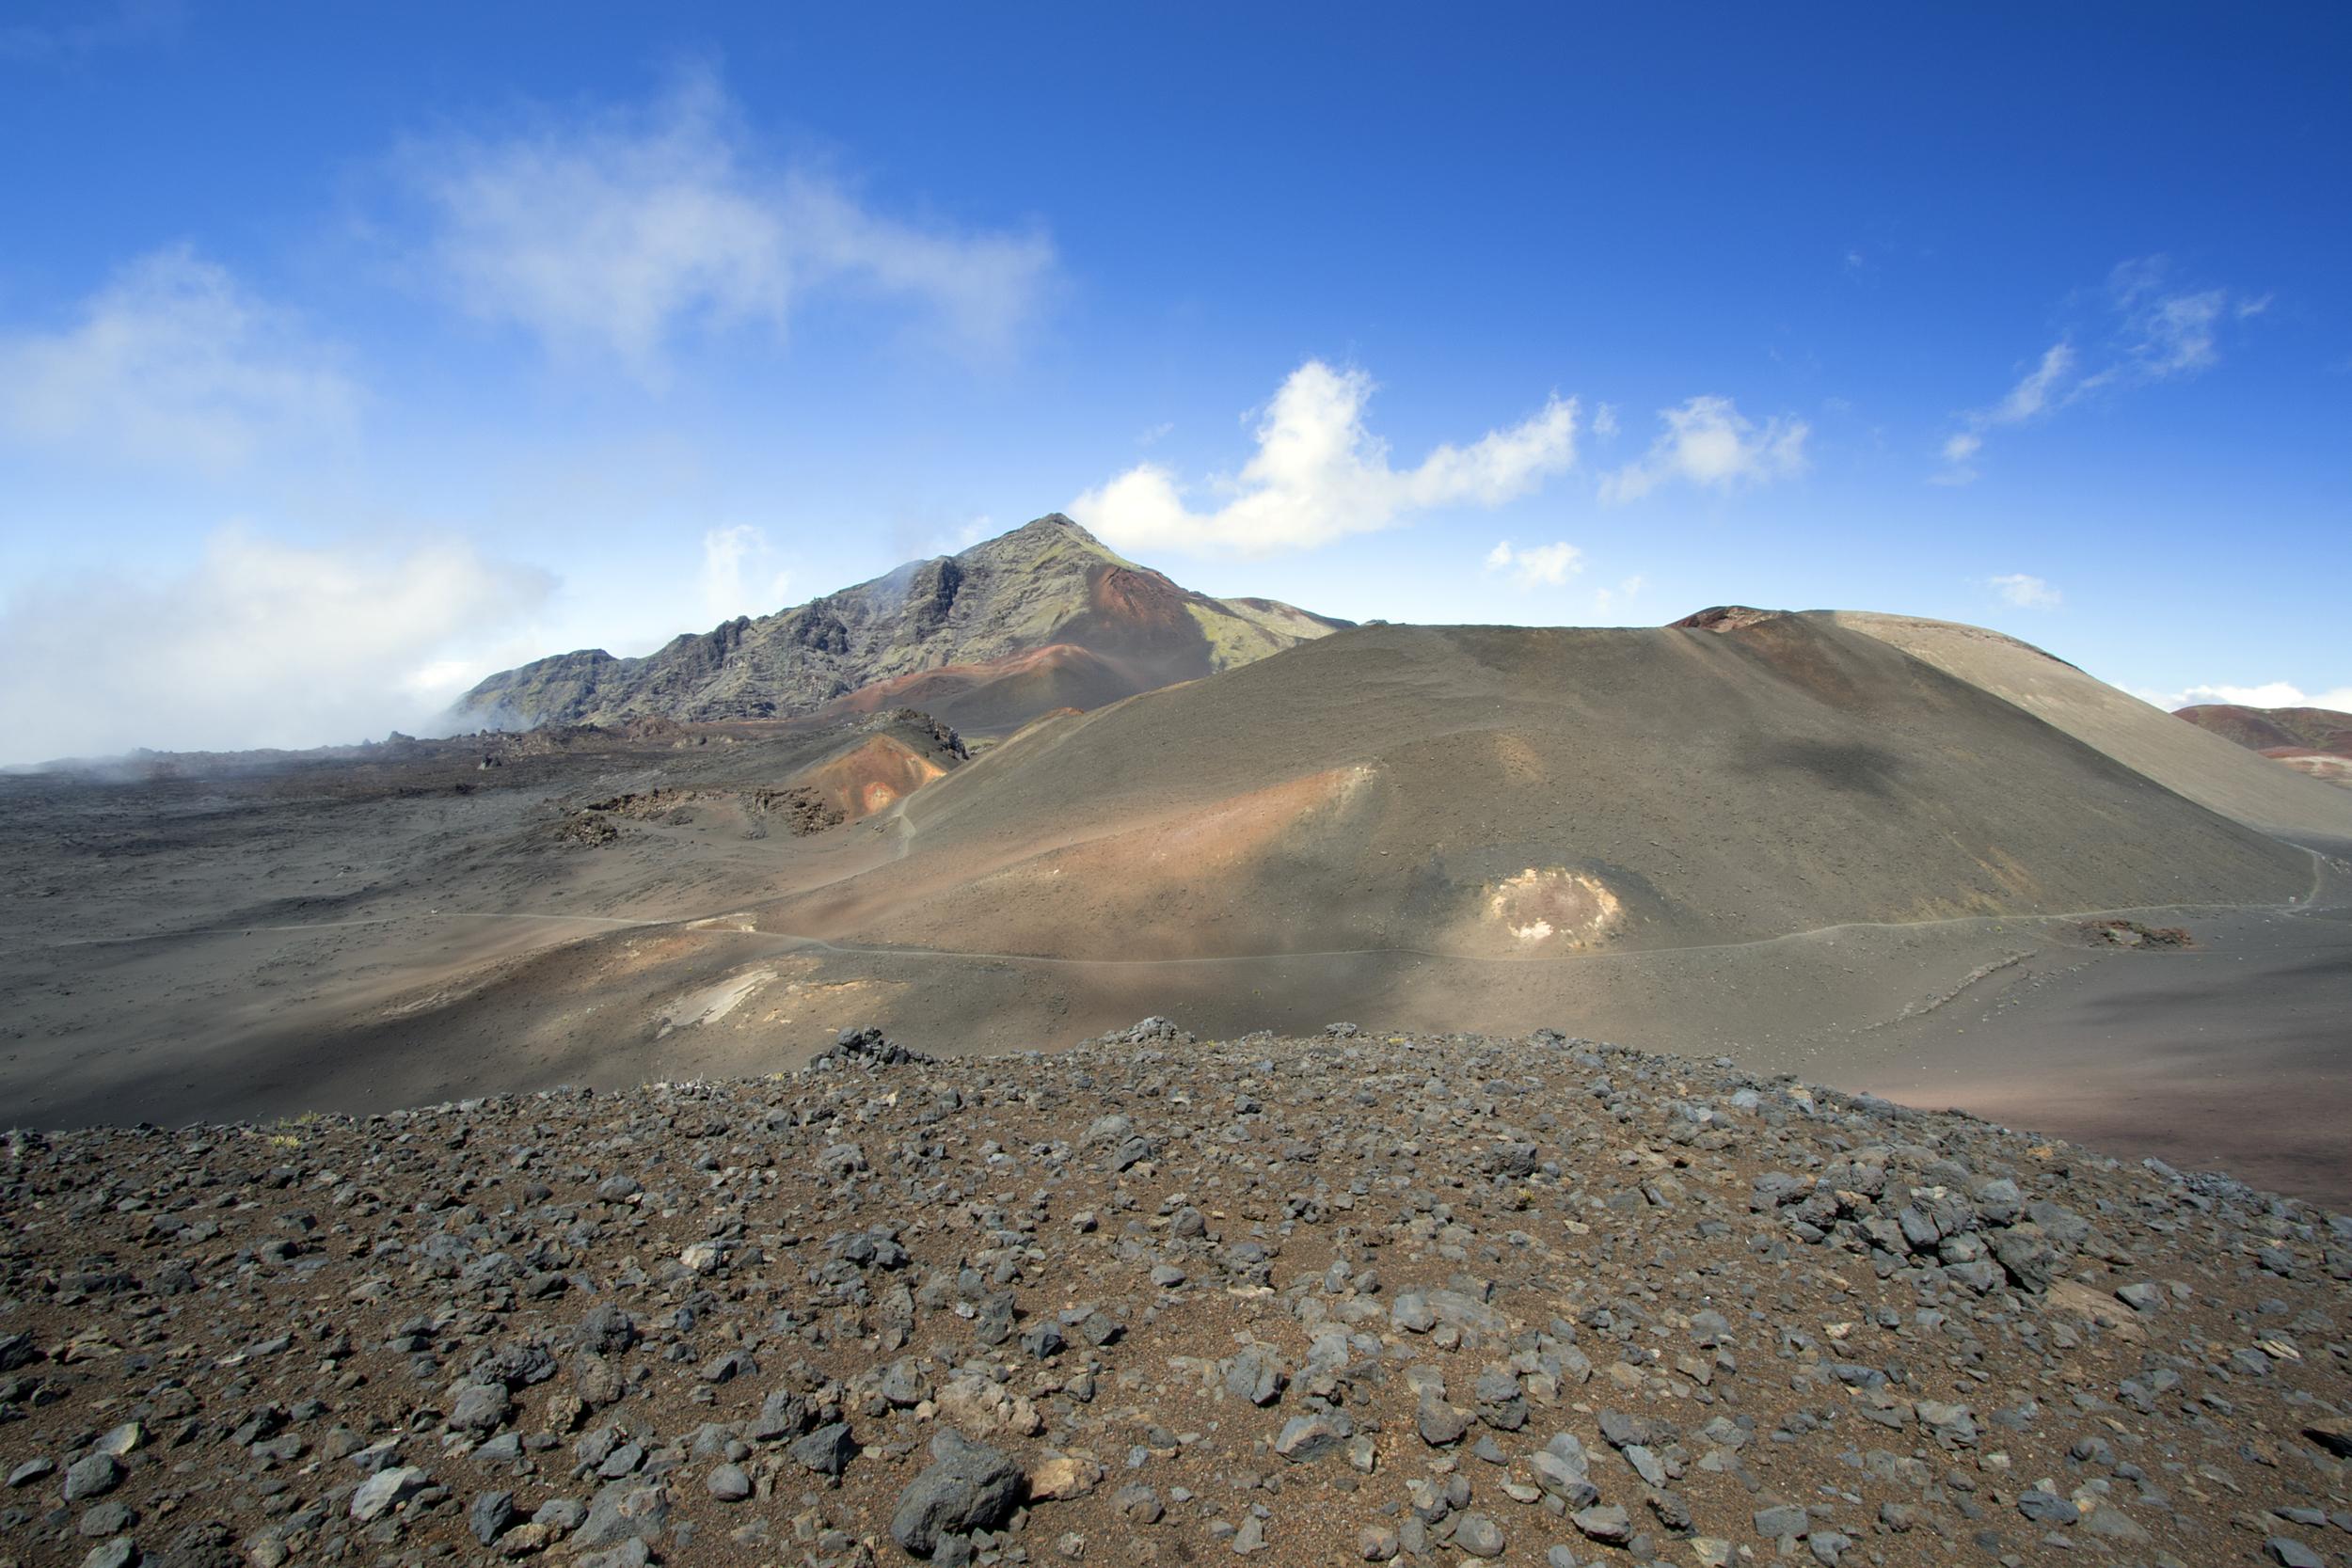 Maui Summit